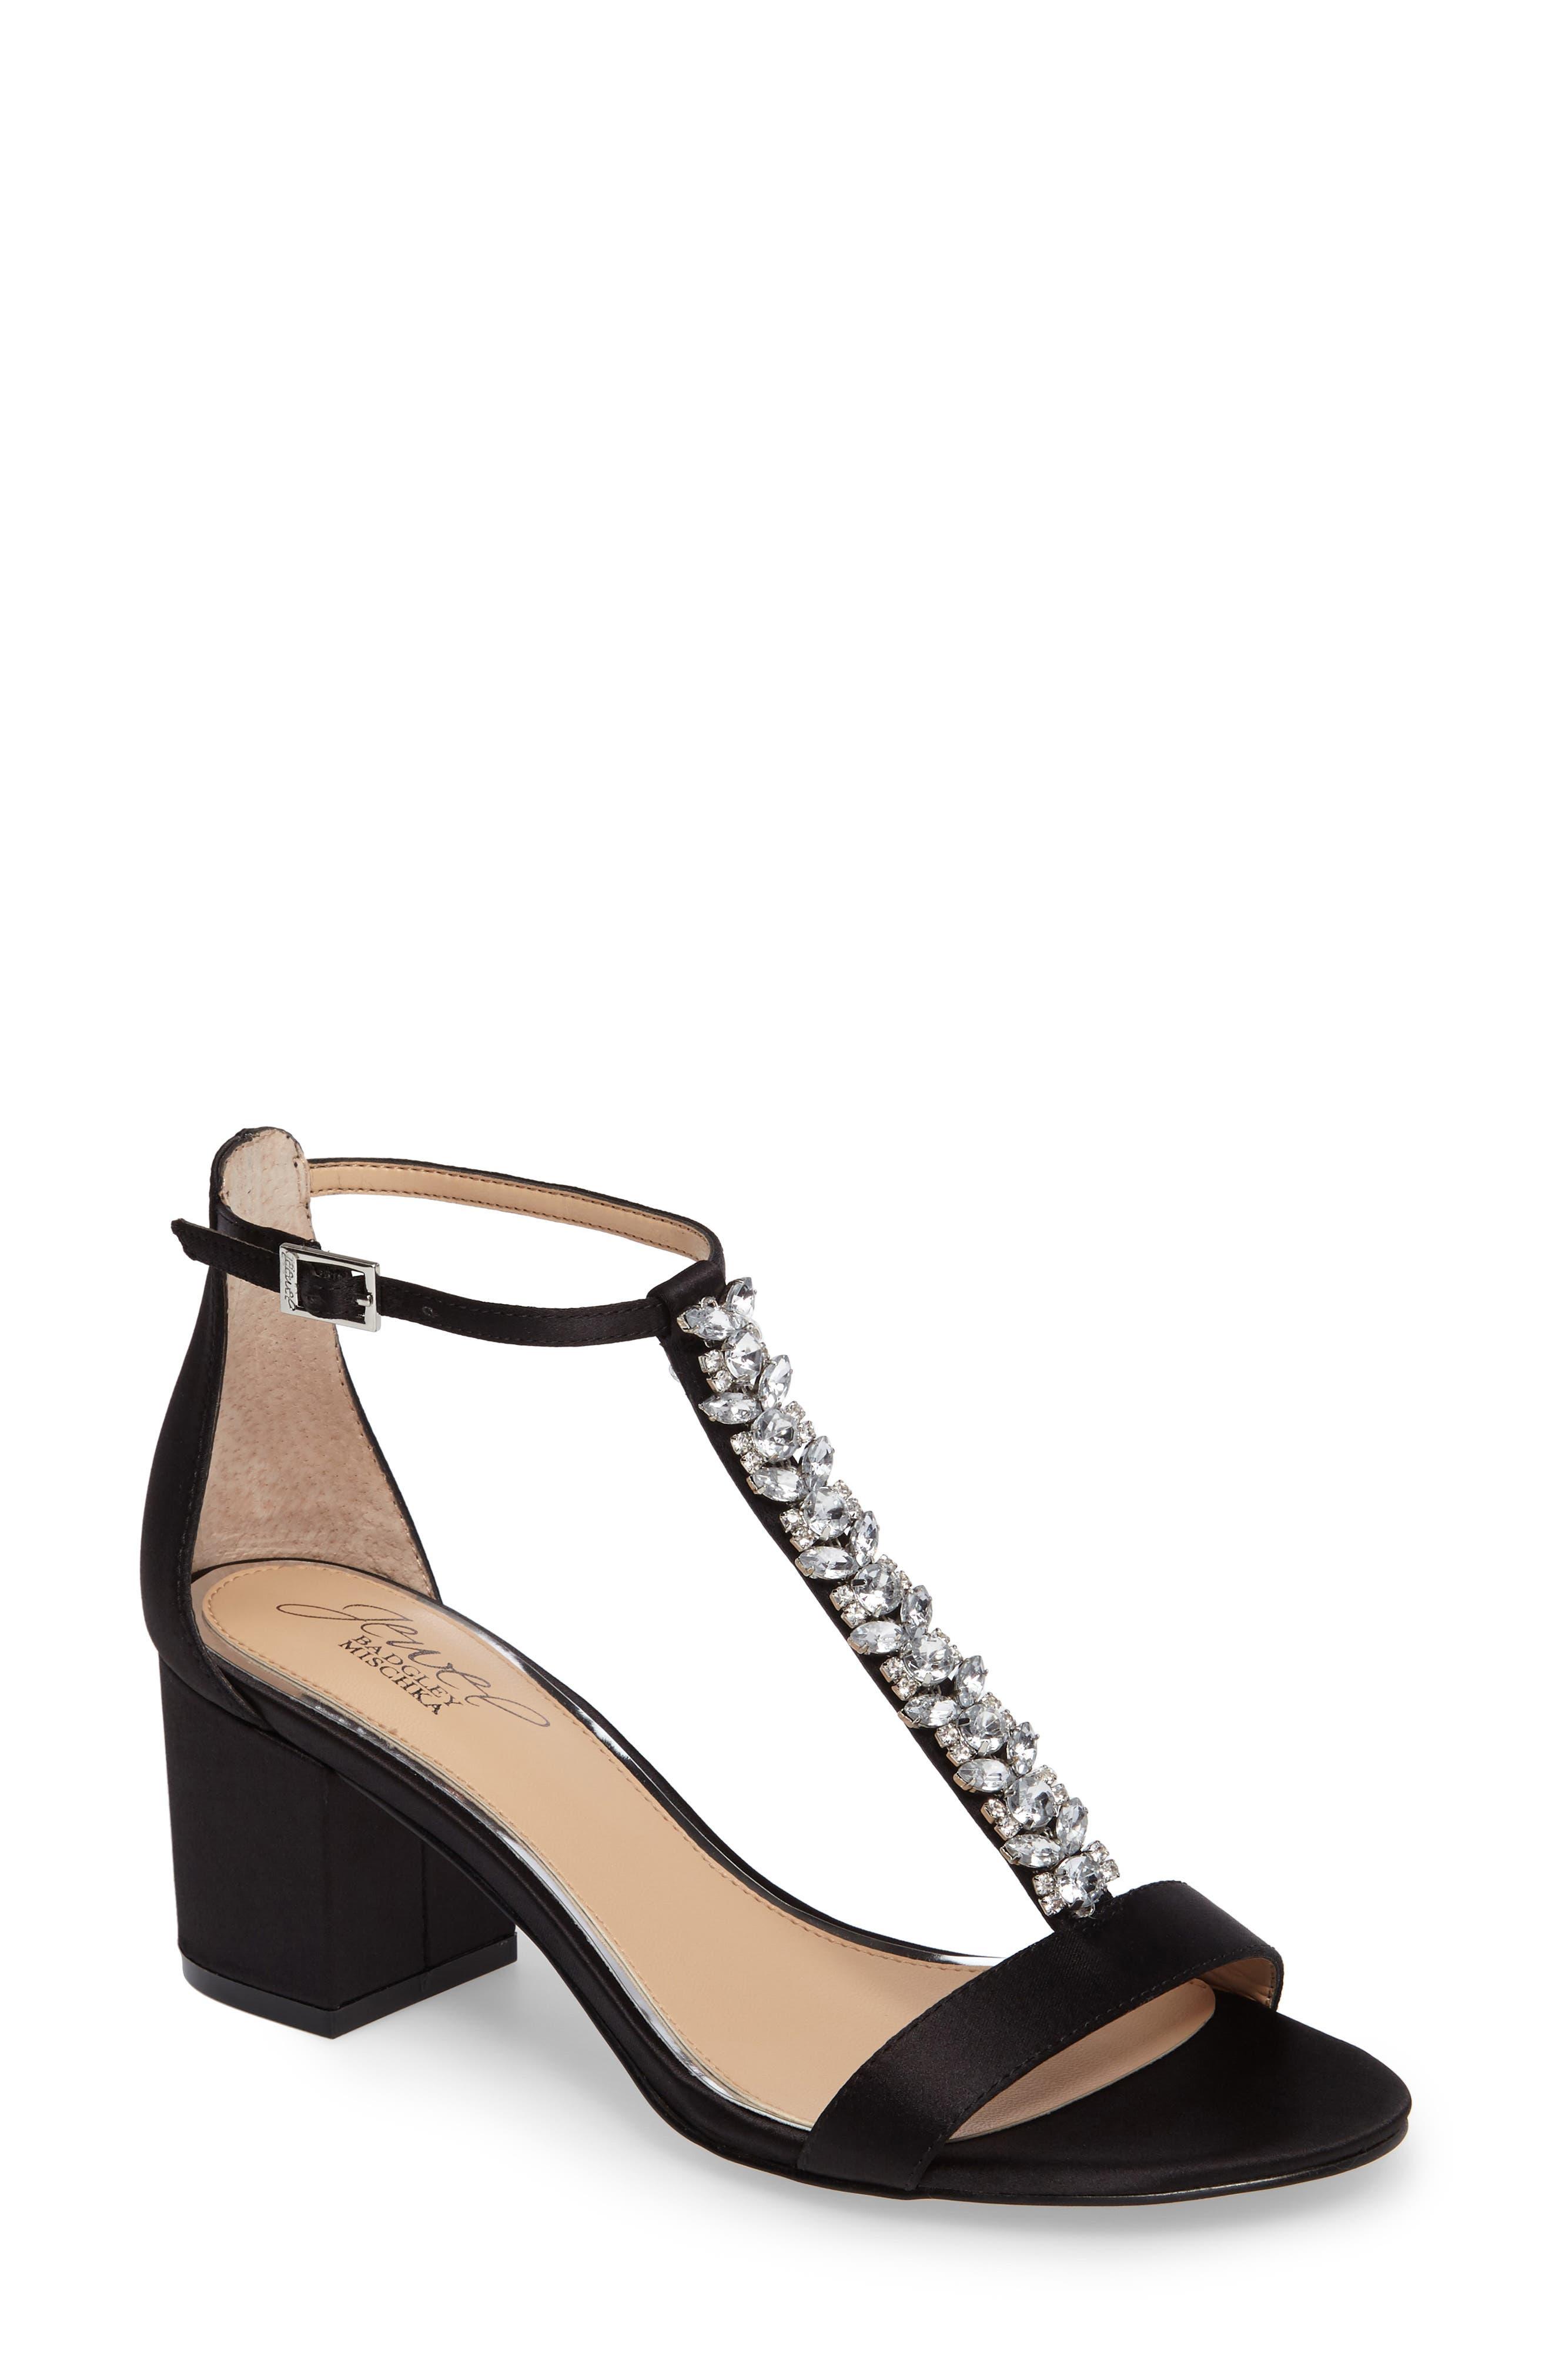 Lindsey Embellished T-Strap Sandal,                             Main thumbnail 1, color,                             Black Satin